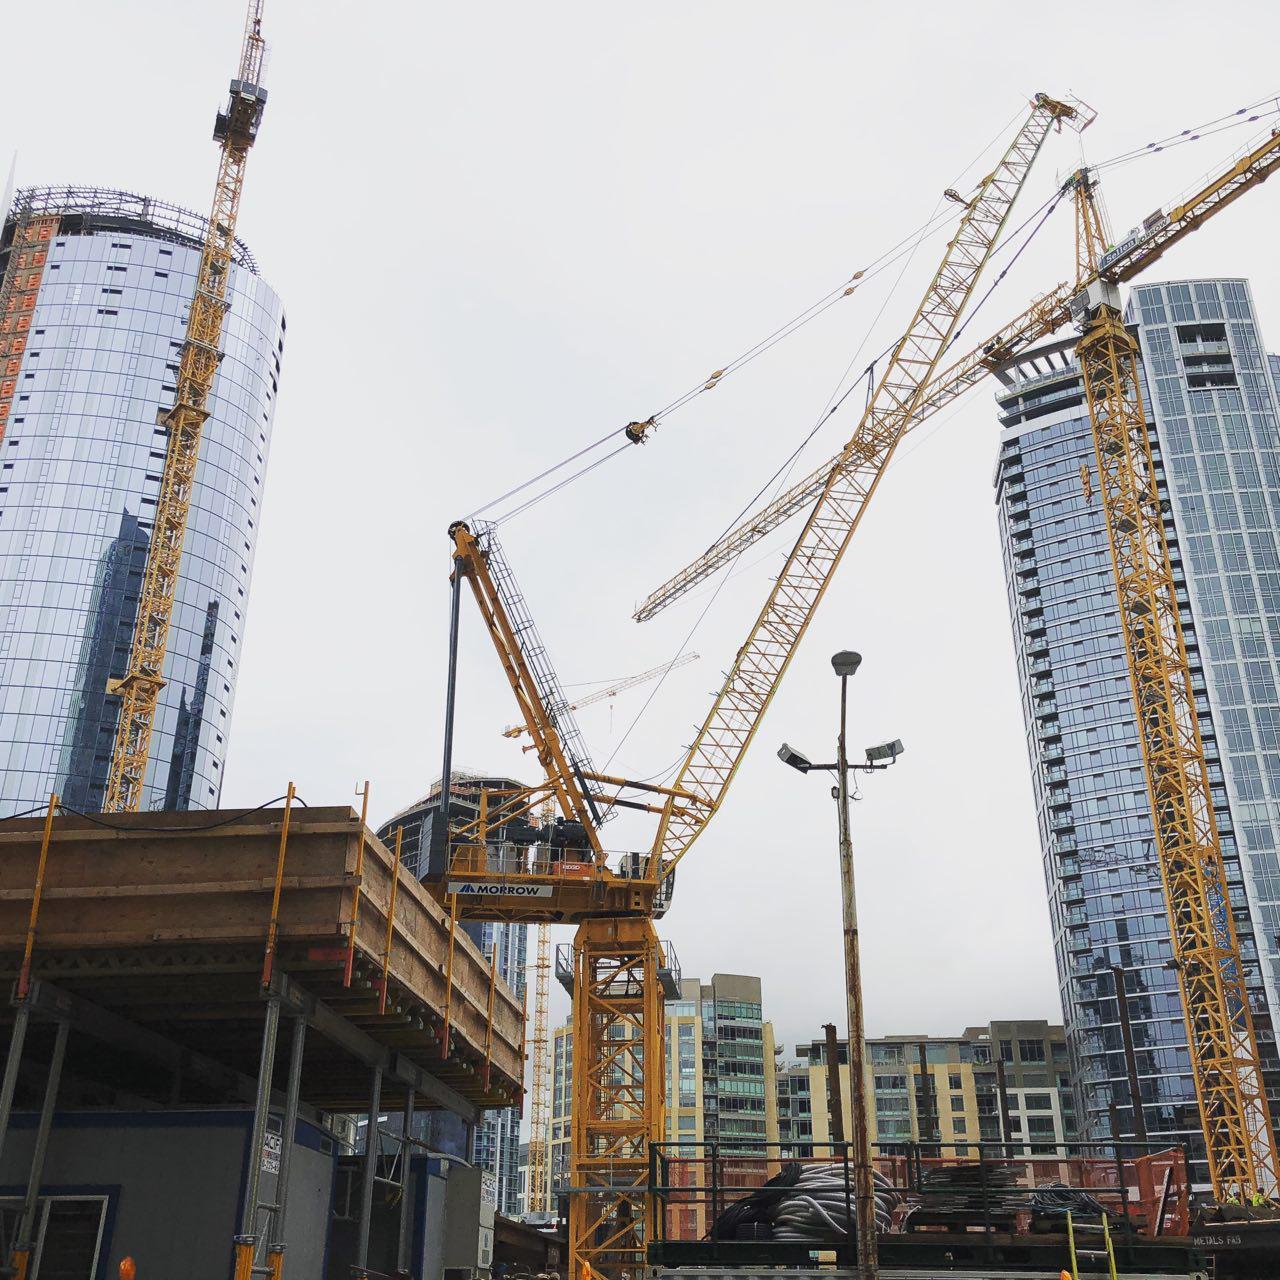 Seattle er en liten by i amerikansk målestokk, og er langt mer nordisk grunnet plasseringen nordvest, men det er også rivende teknologisk utvikling å finne her, takket være Amazon, Whole Foods (som Amazon jo eier) og Microsoft.